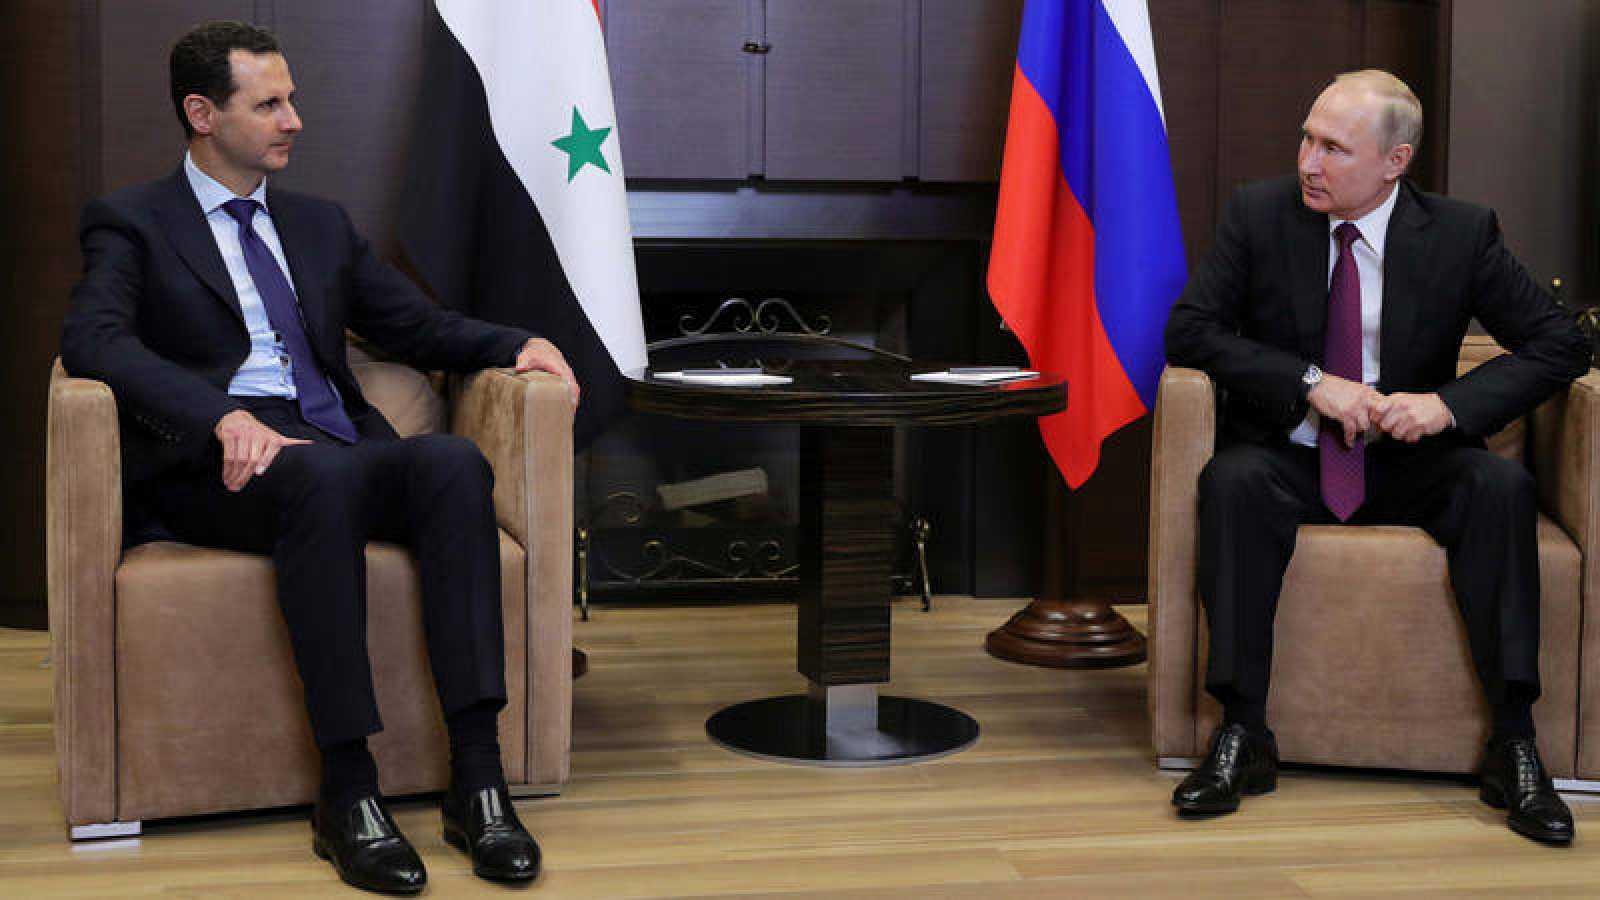 El presidente ruso, Vladimir Puitin, y su homologo de Siria, Bashar Al Asad durante su encuentro en Sochi